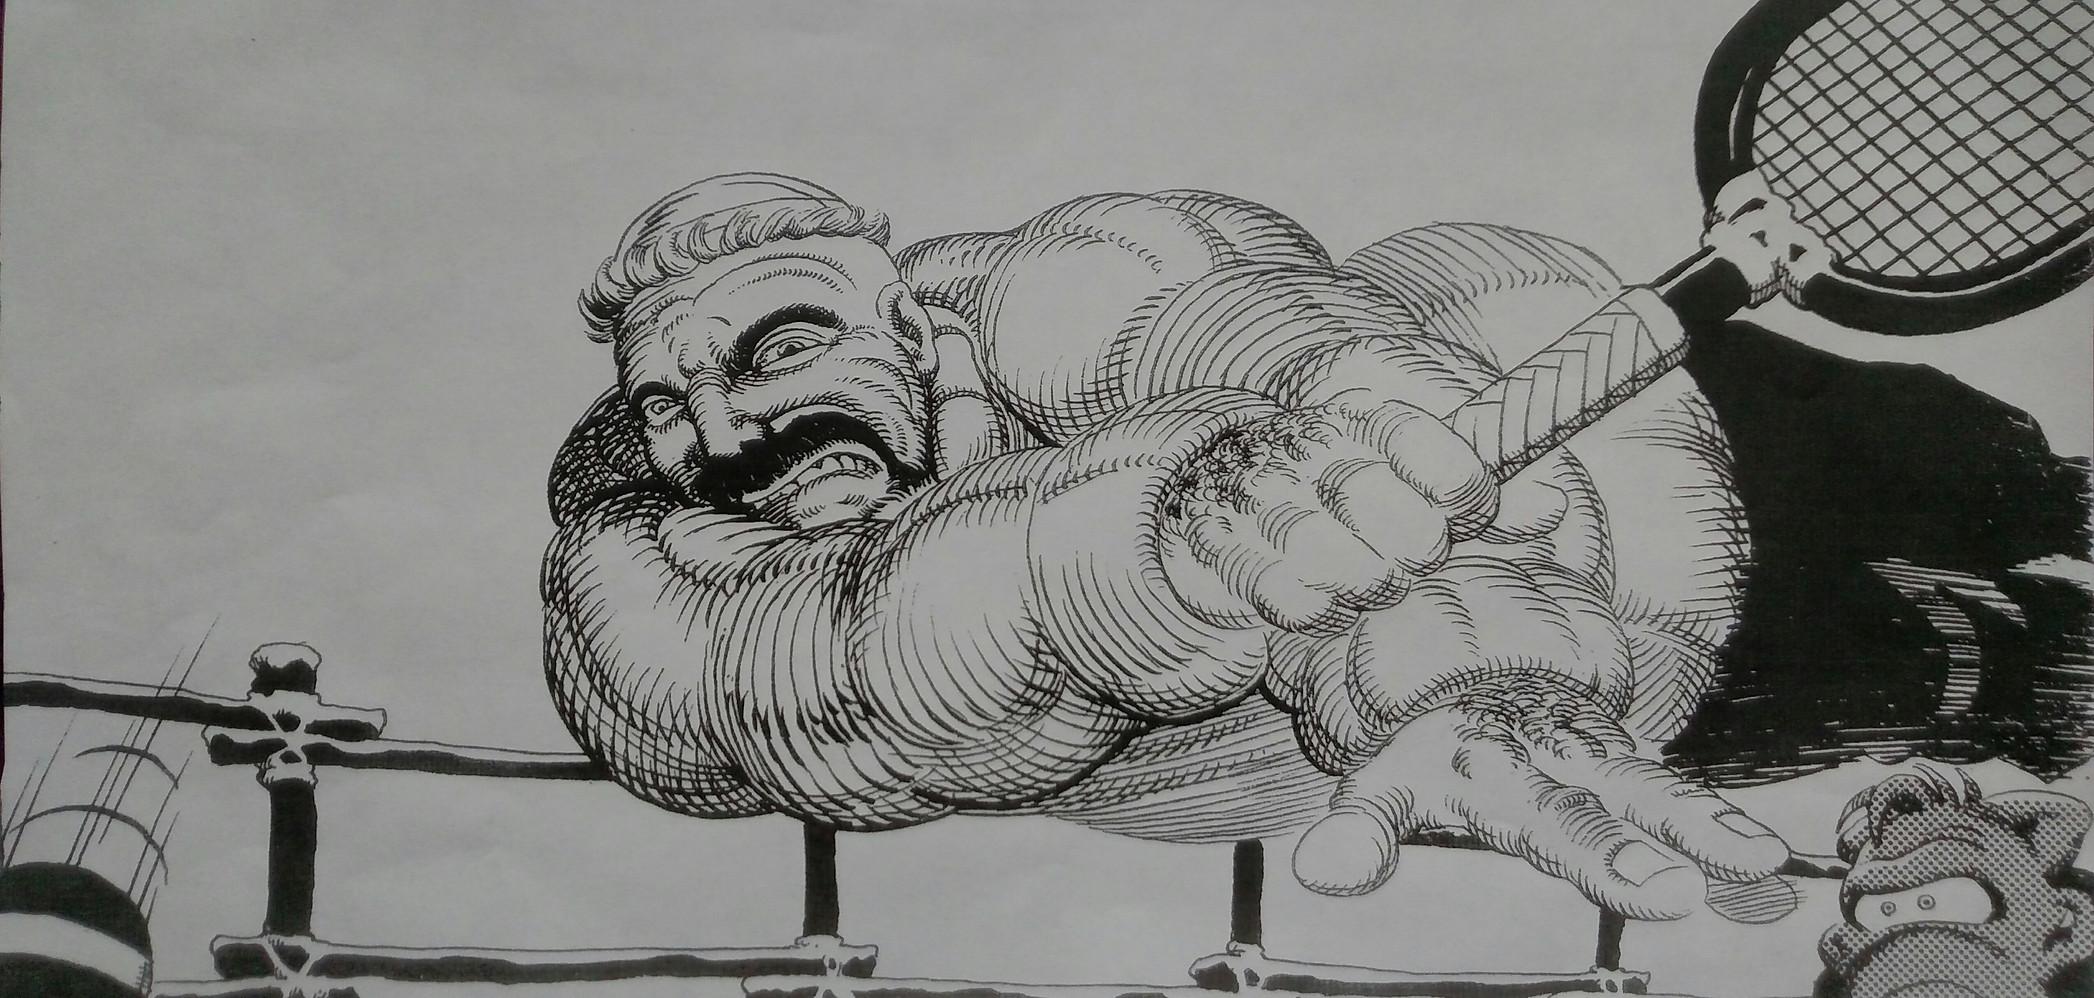 Original Artwork by Dave Sim